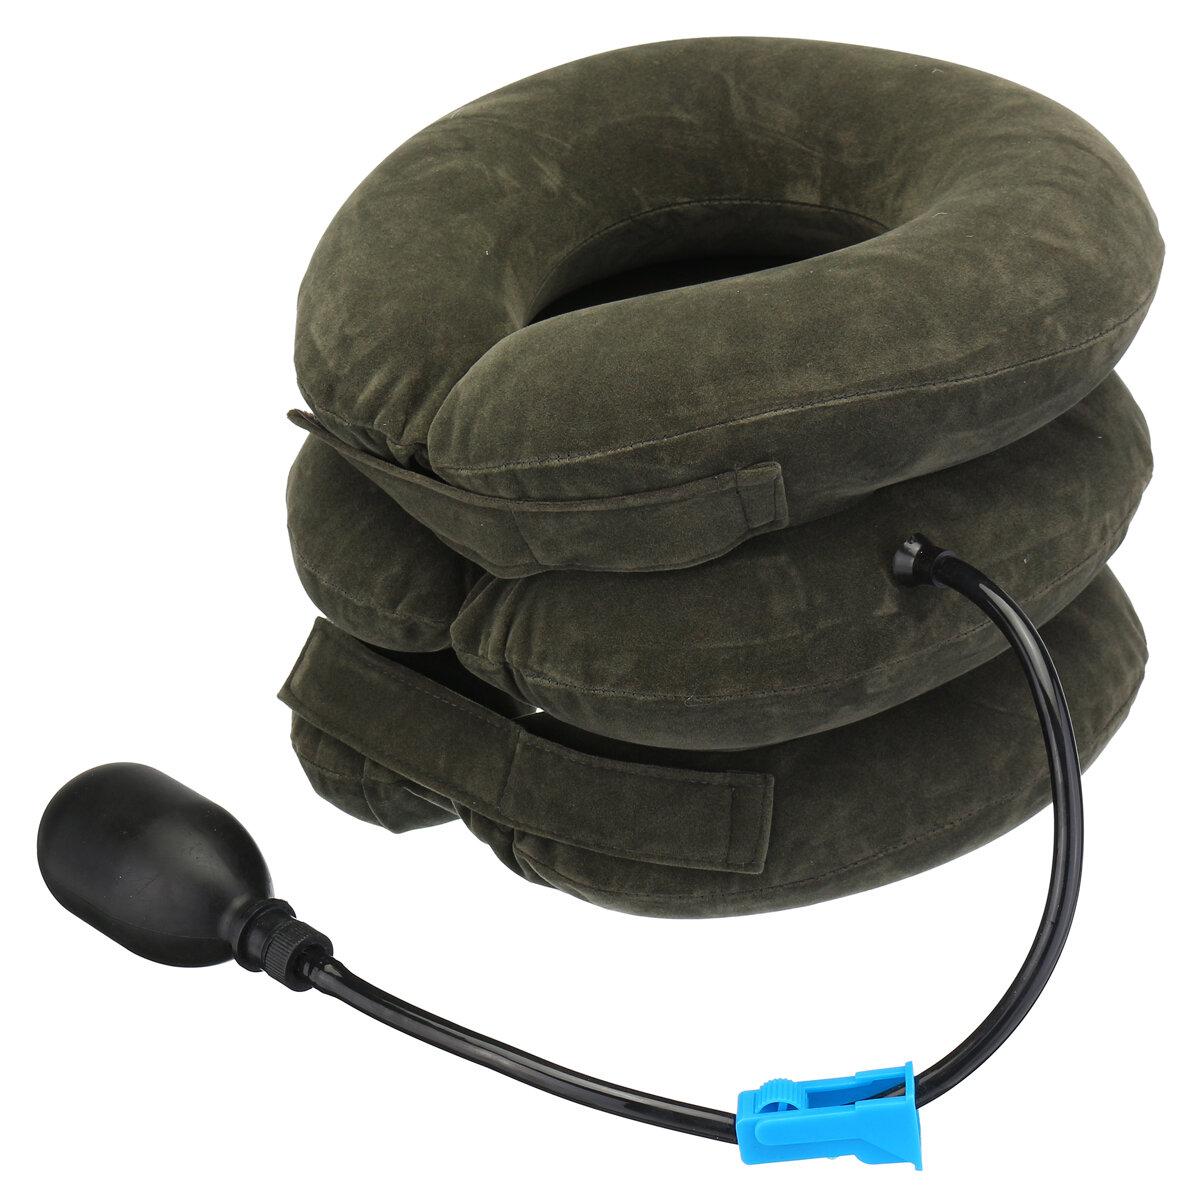 Dispositif de brancard de soutien d'appareil de soutien de traction de collier cervical gonflable portatif de collier